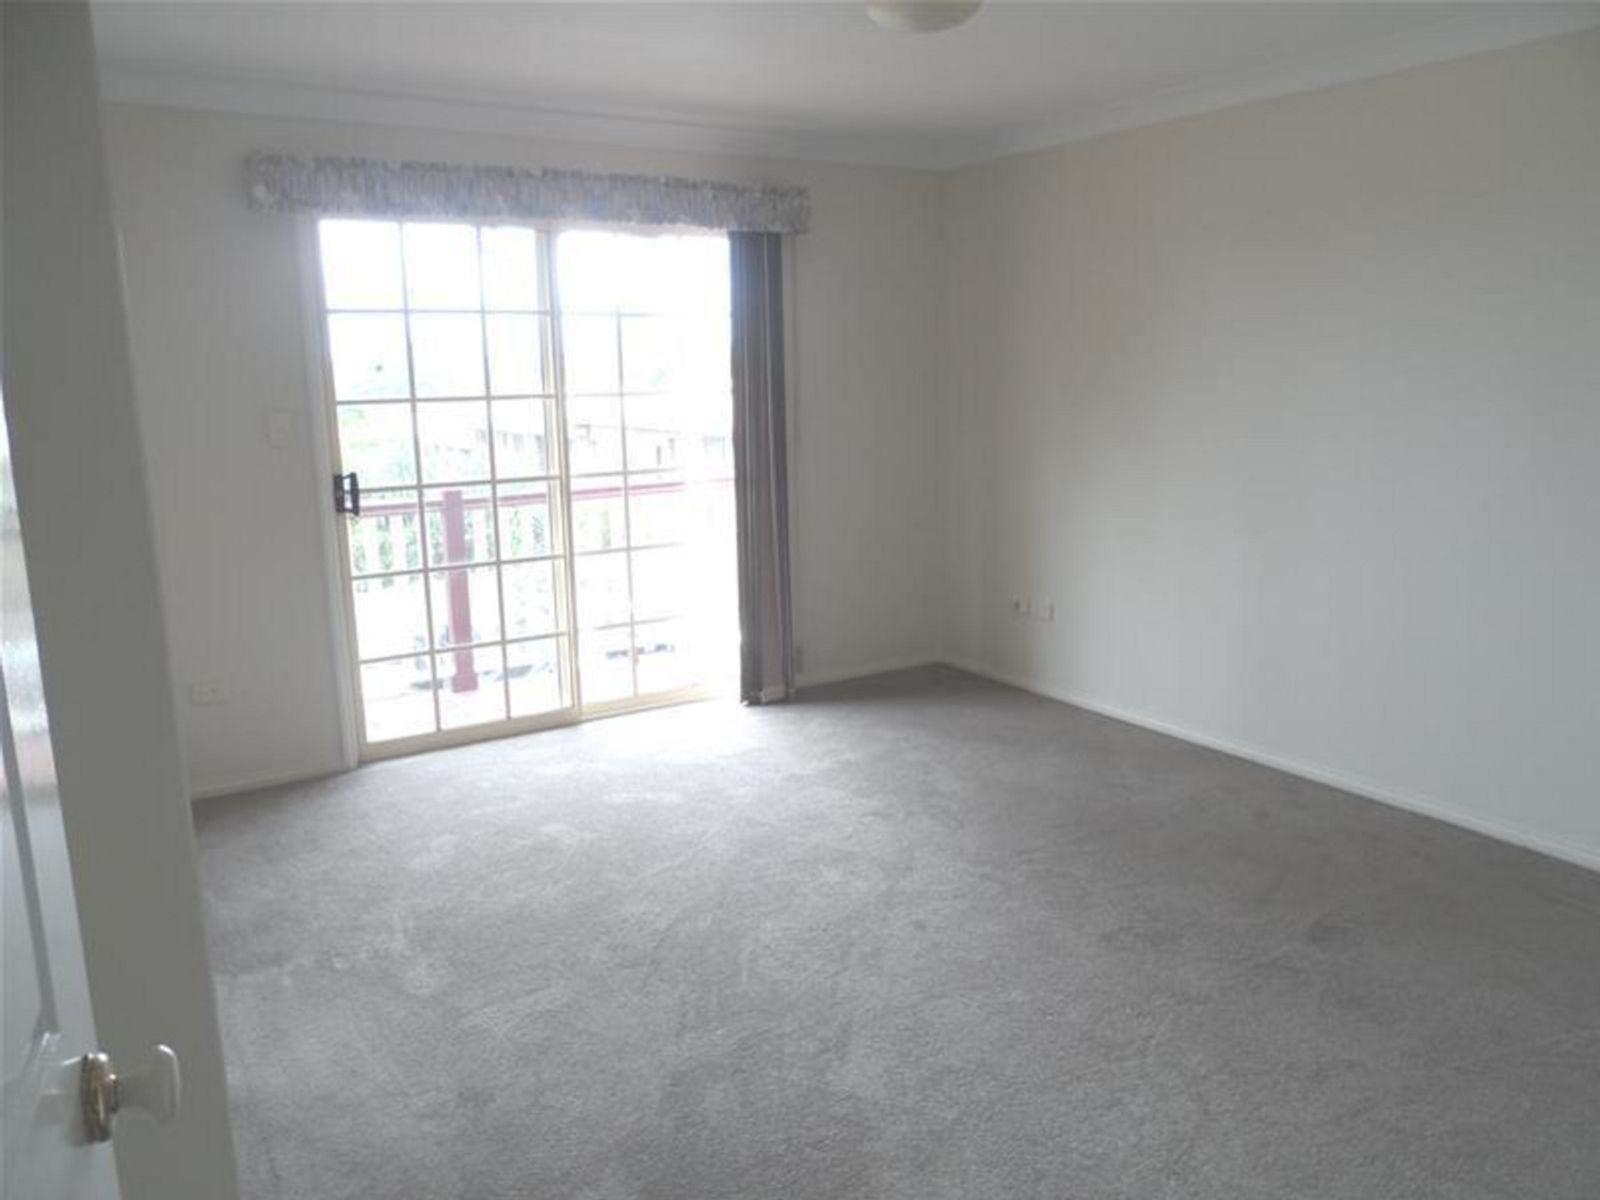 9/36 Cortess Street, Harristown, QLD 4350